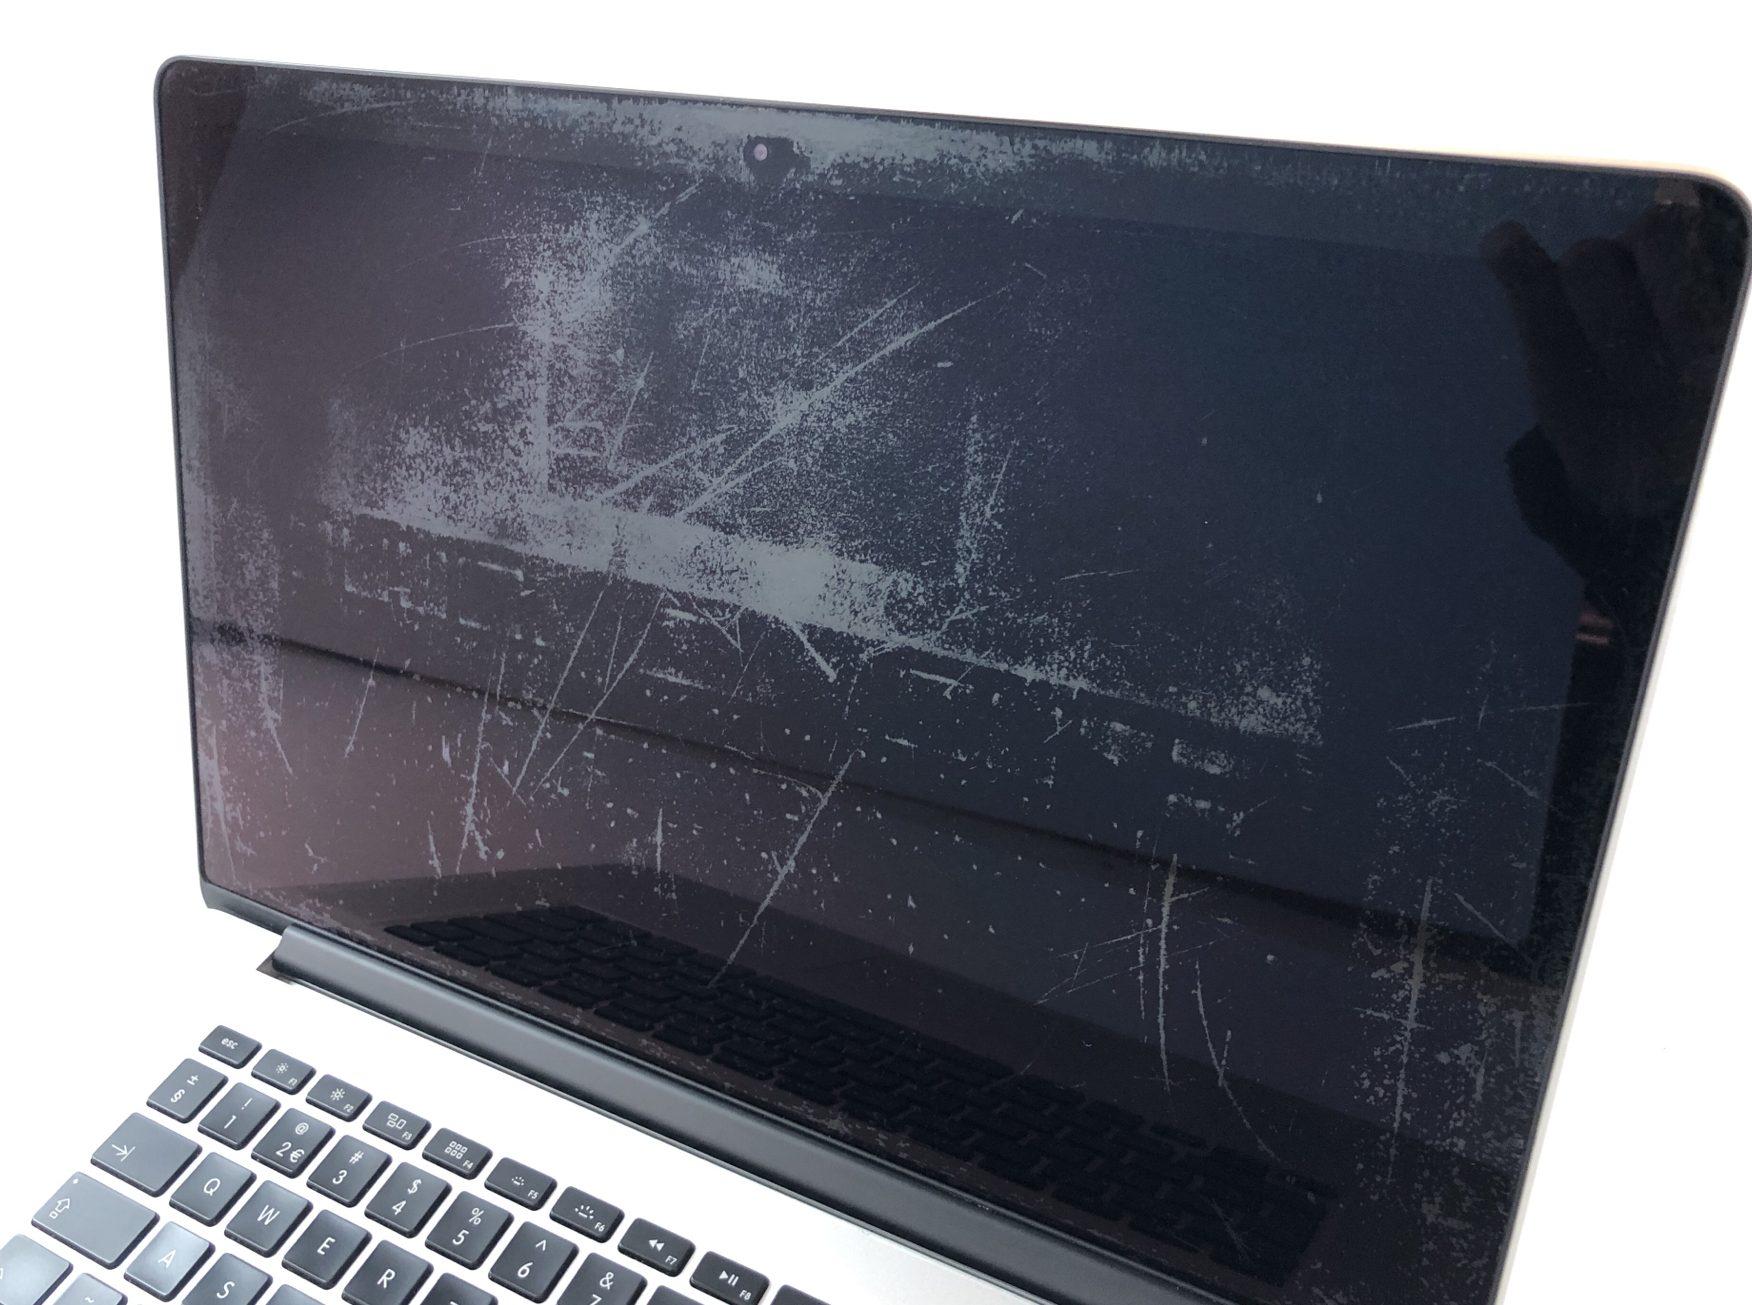 """MacBook Pro Retina 15"""" Mid 2014 (Intel Quad-Core i7 2.2 GHz 16 GB RAM 256 GB SSD), Intel Quad-Core i7 2.2 GHz, 16 GB RAM, 256 GB SSD, Afbeelding 2"""